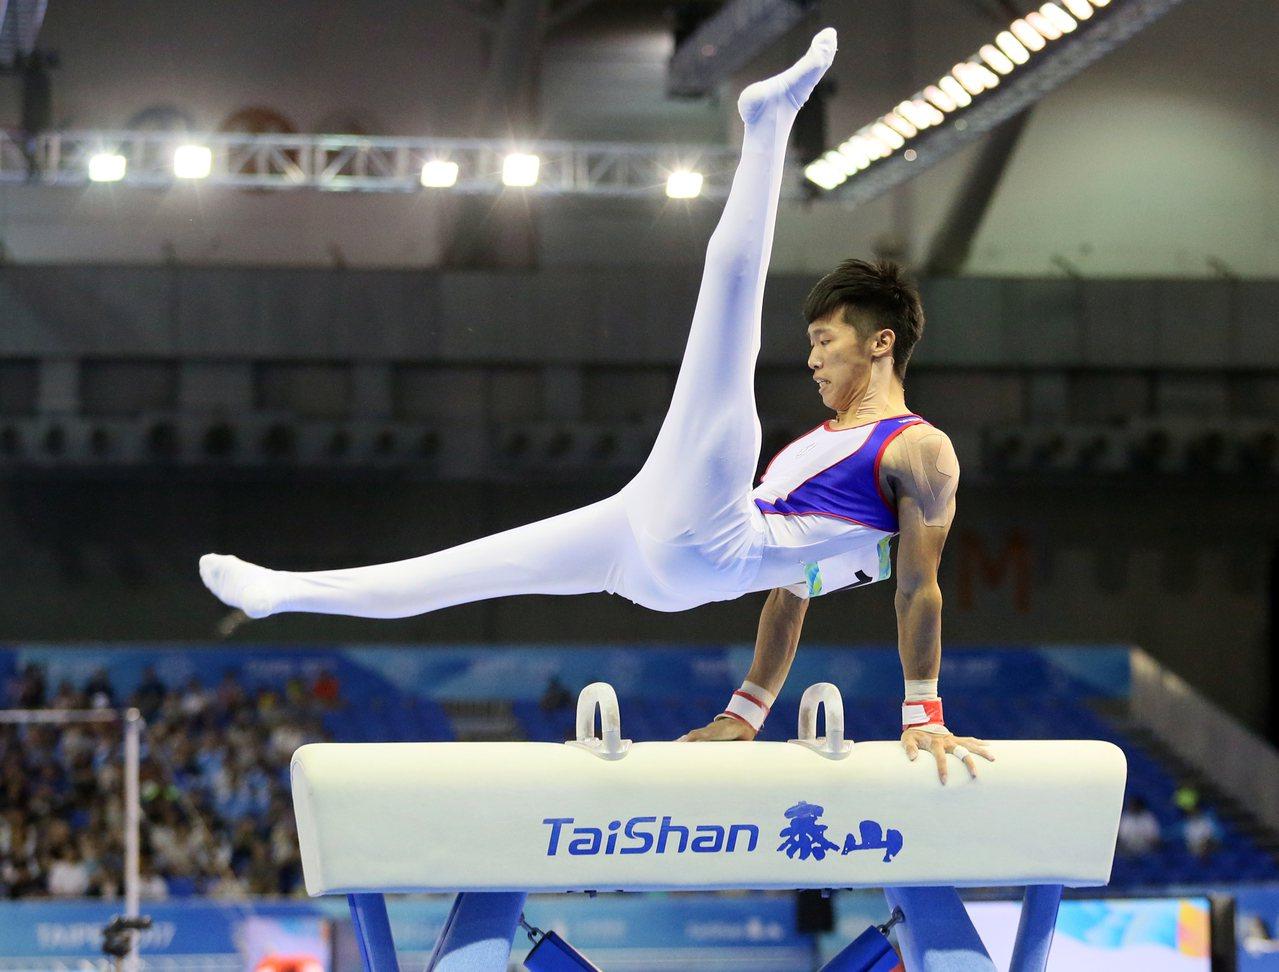 世大運在南港展覽館舉辦男子團體競技體操項目,鞍馬項目則由李智凱(圖)拿下最高分。...